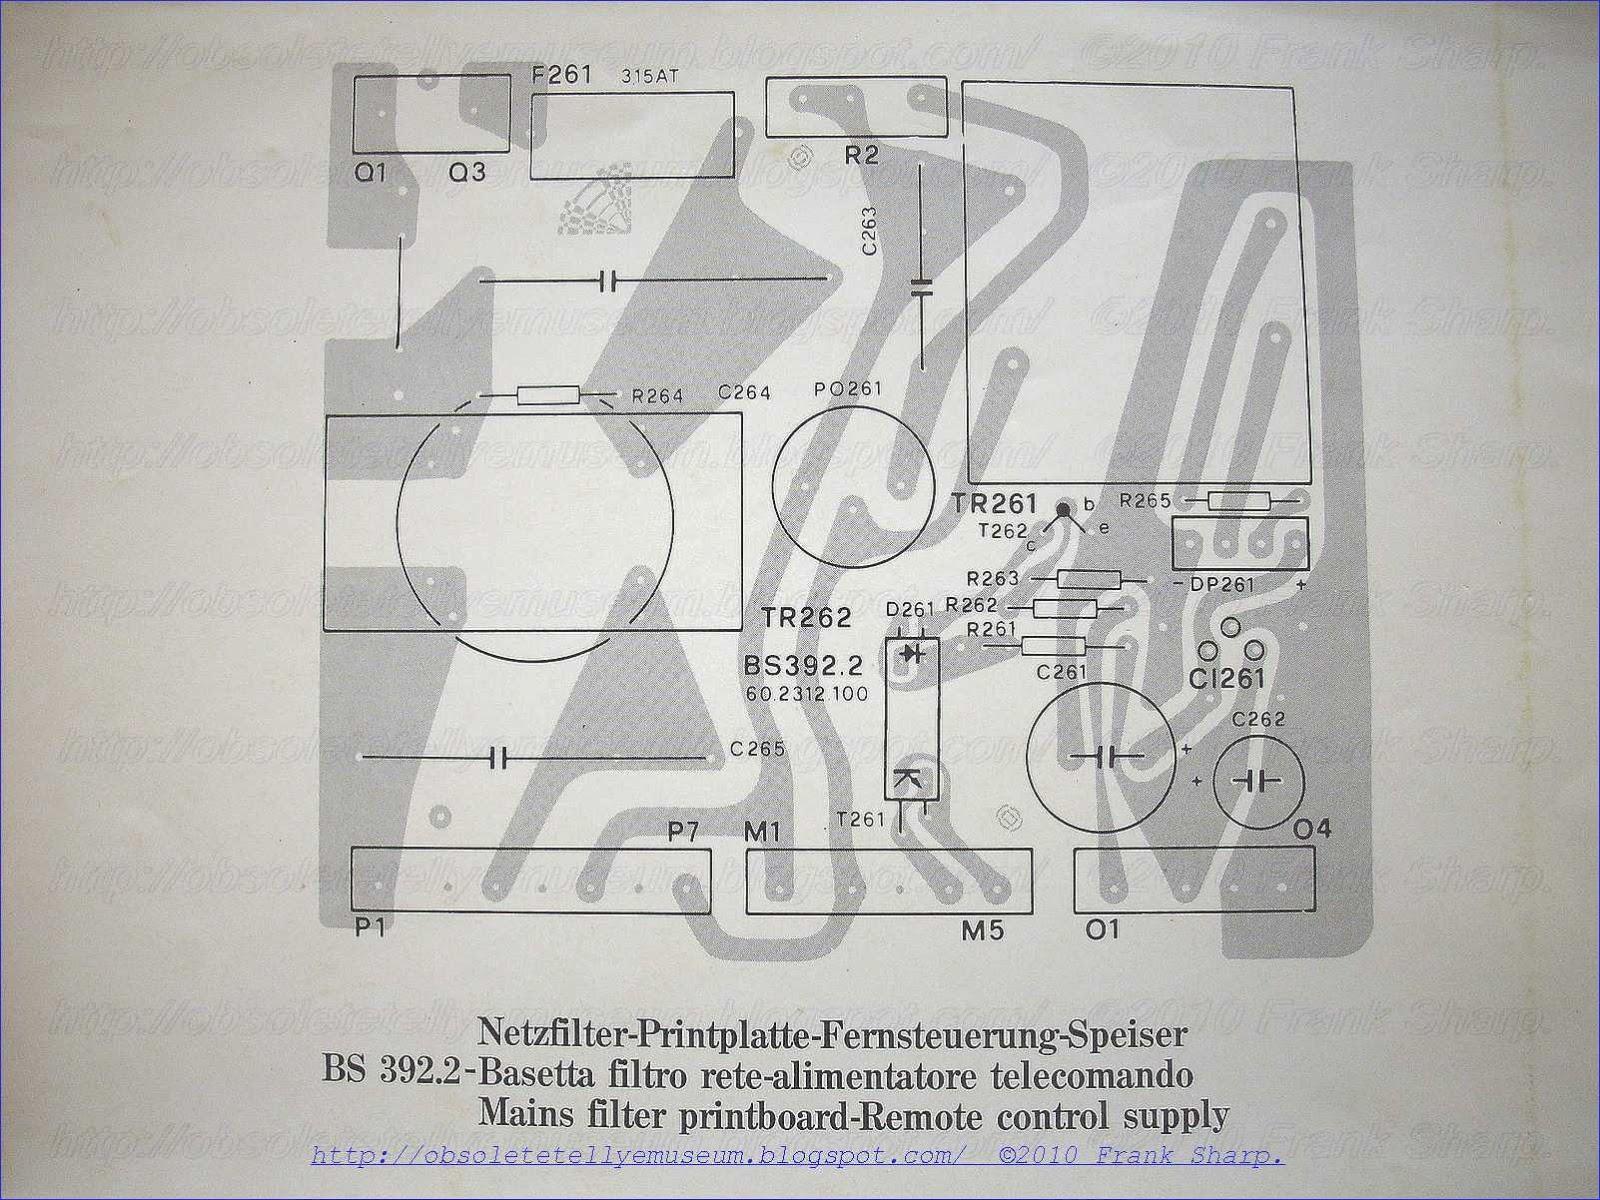 IMGH_07726__TVMS Stilvolle Led Streifen Für Aussen Dekorationen